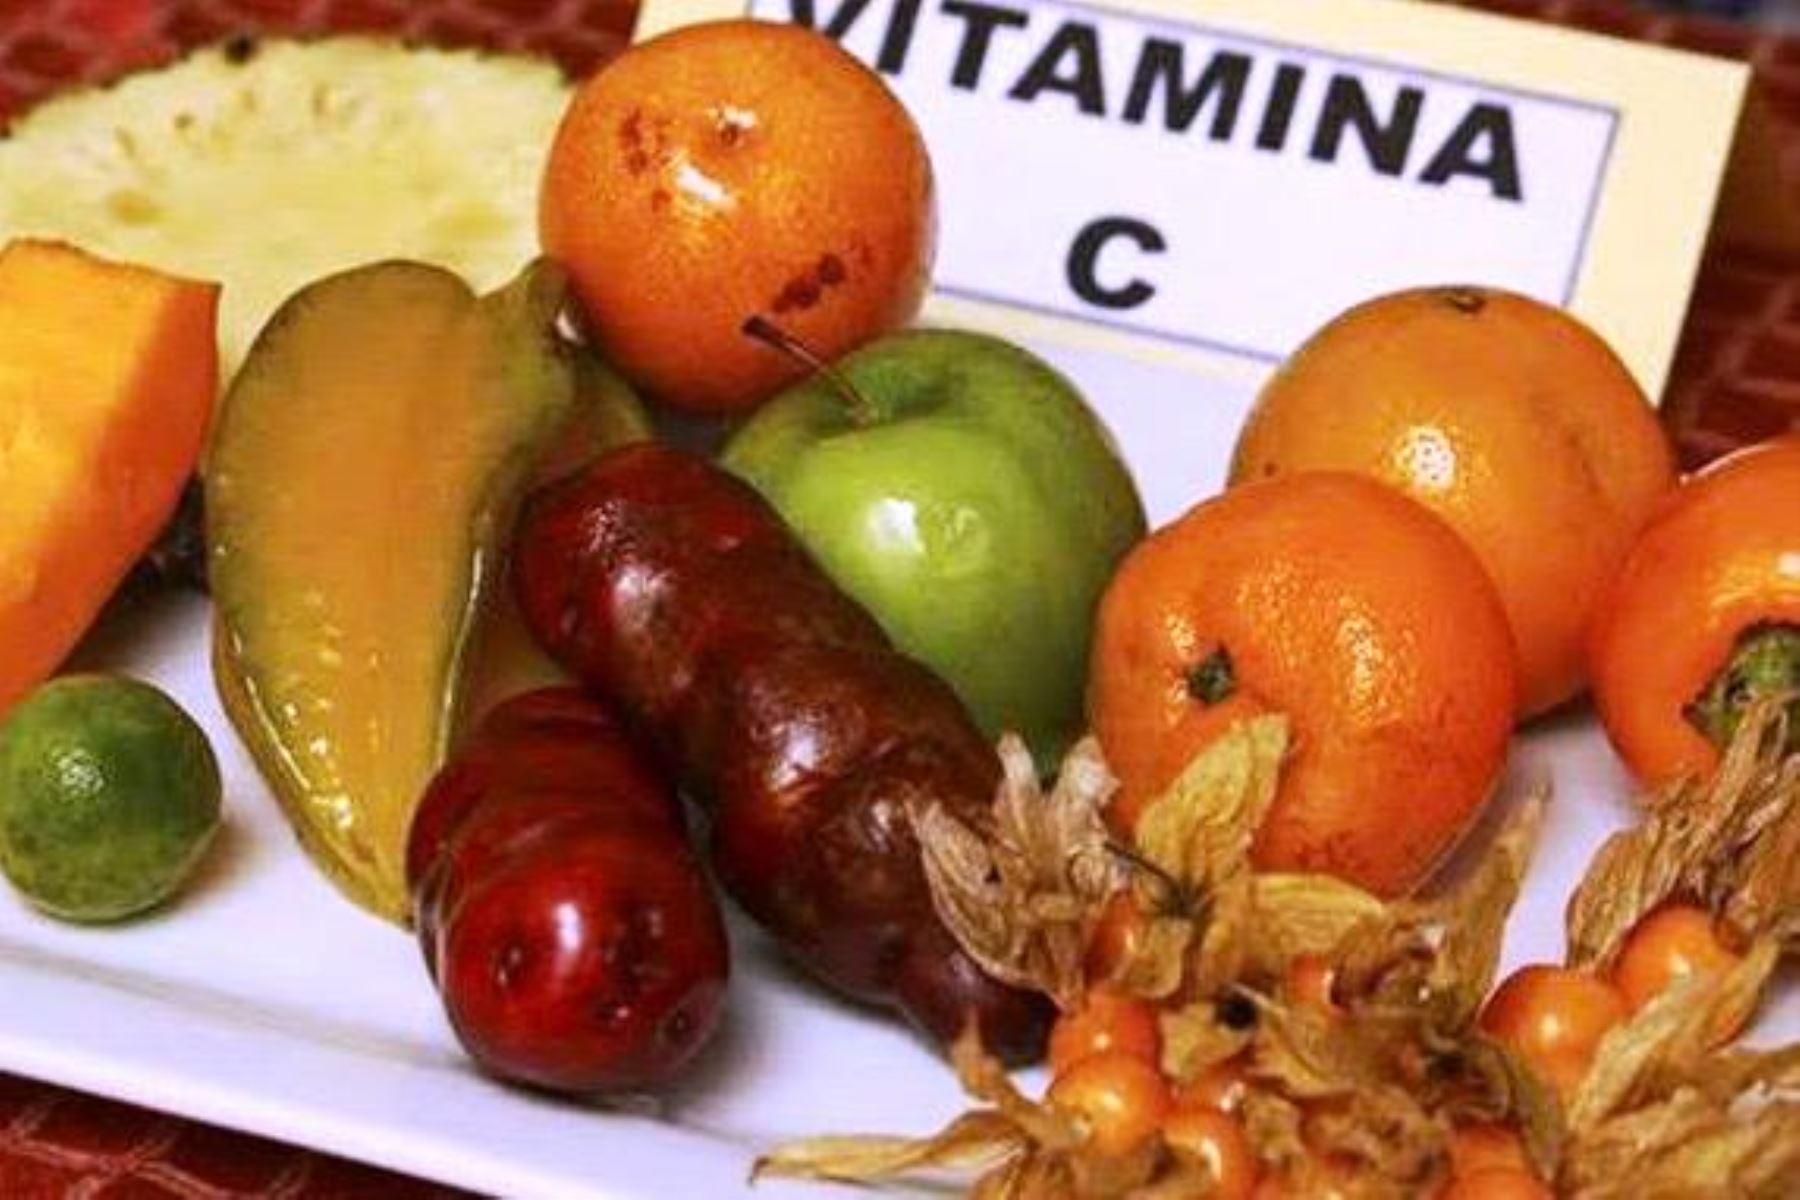 Consumo de vitamina C fortalece el sistema inmunológico ante enfermedades infecciosas. Foto: ANDINA/Difusión.